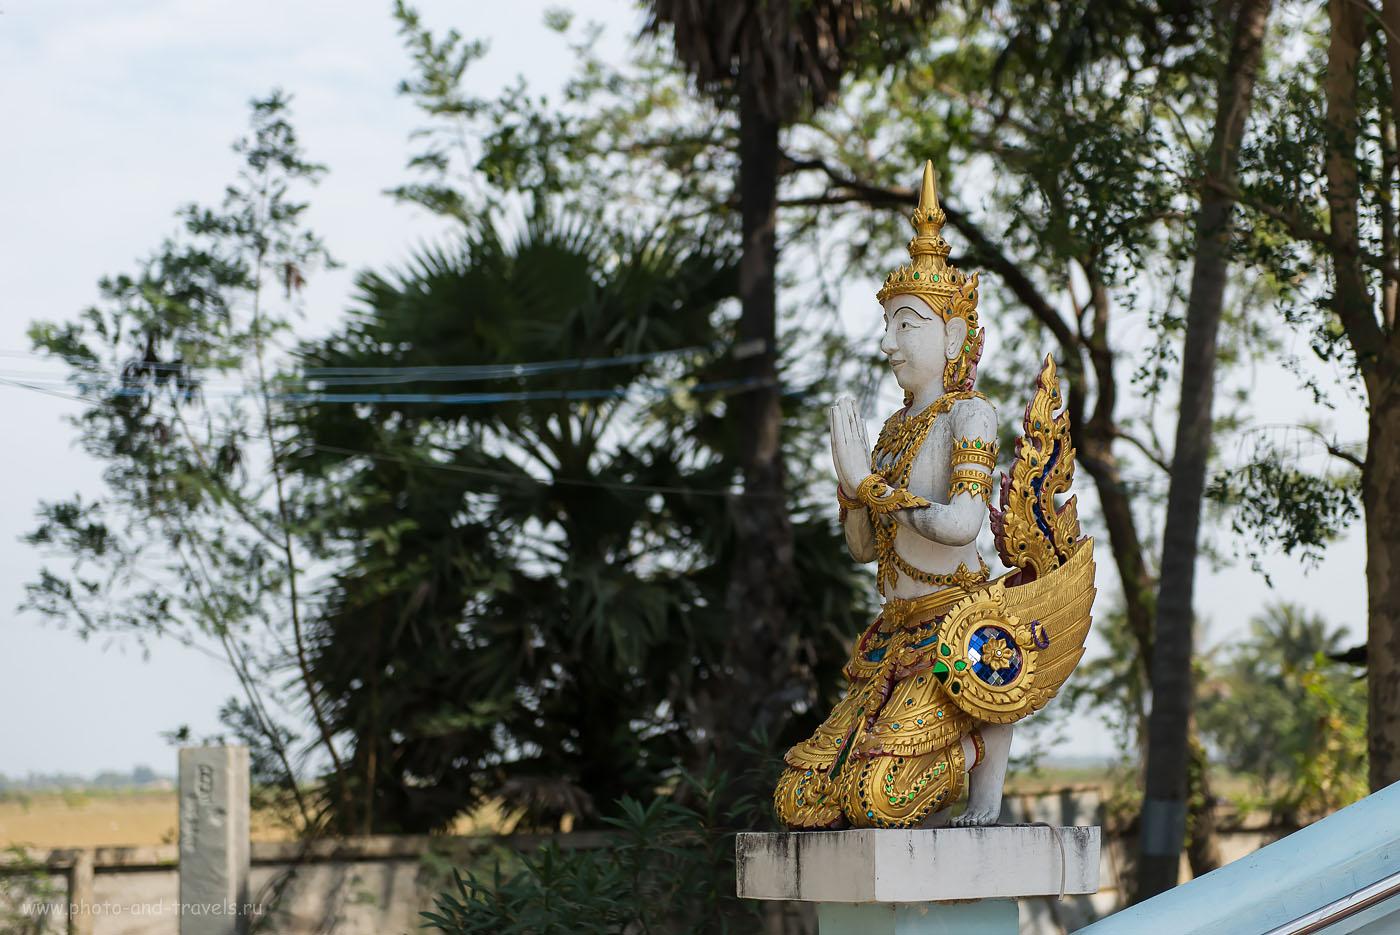 Снимок 25. Неизвестный персонаж на лестнице, ведущей к статуе Великий Ушастик. Отзывы об экскурсиях в окрестностях Хуахина.